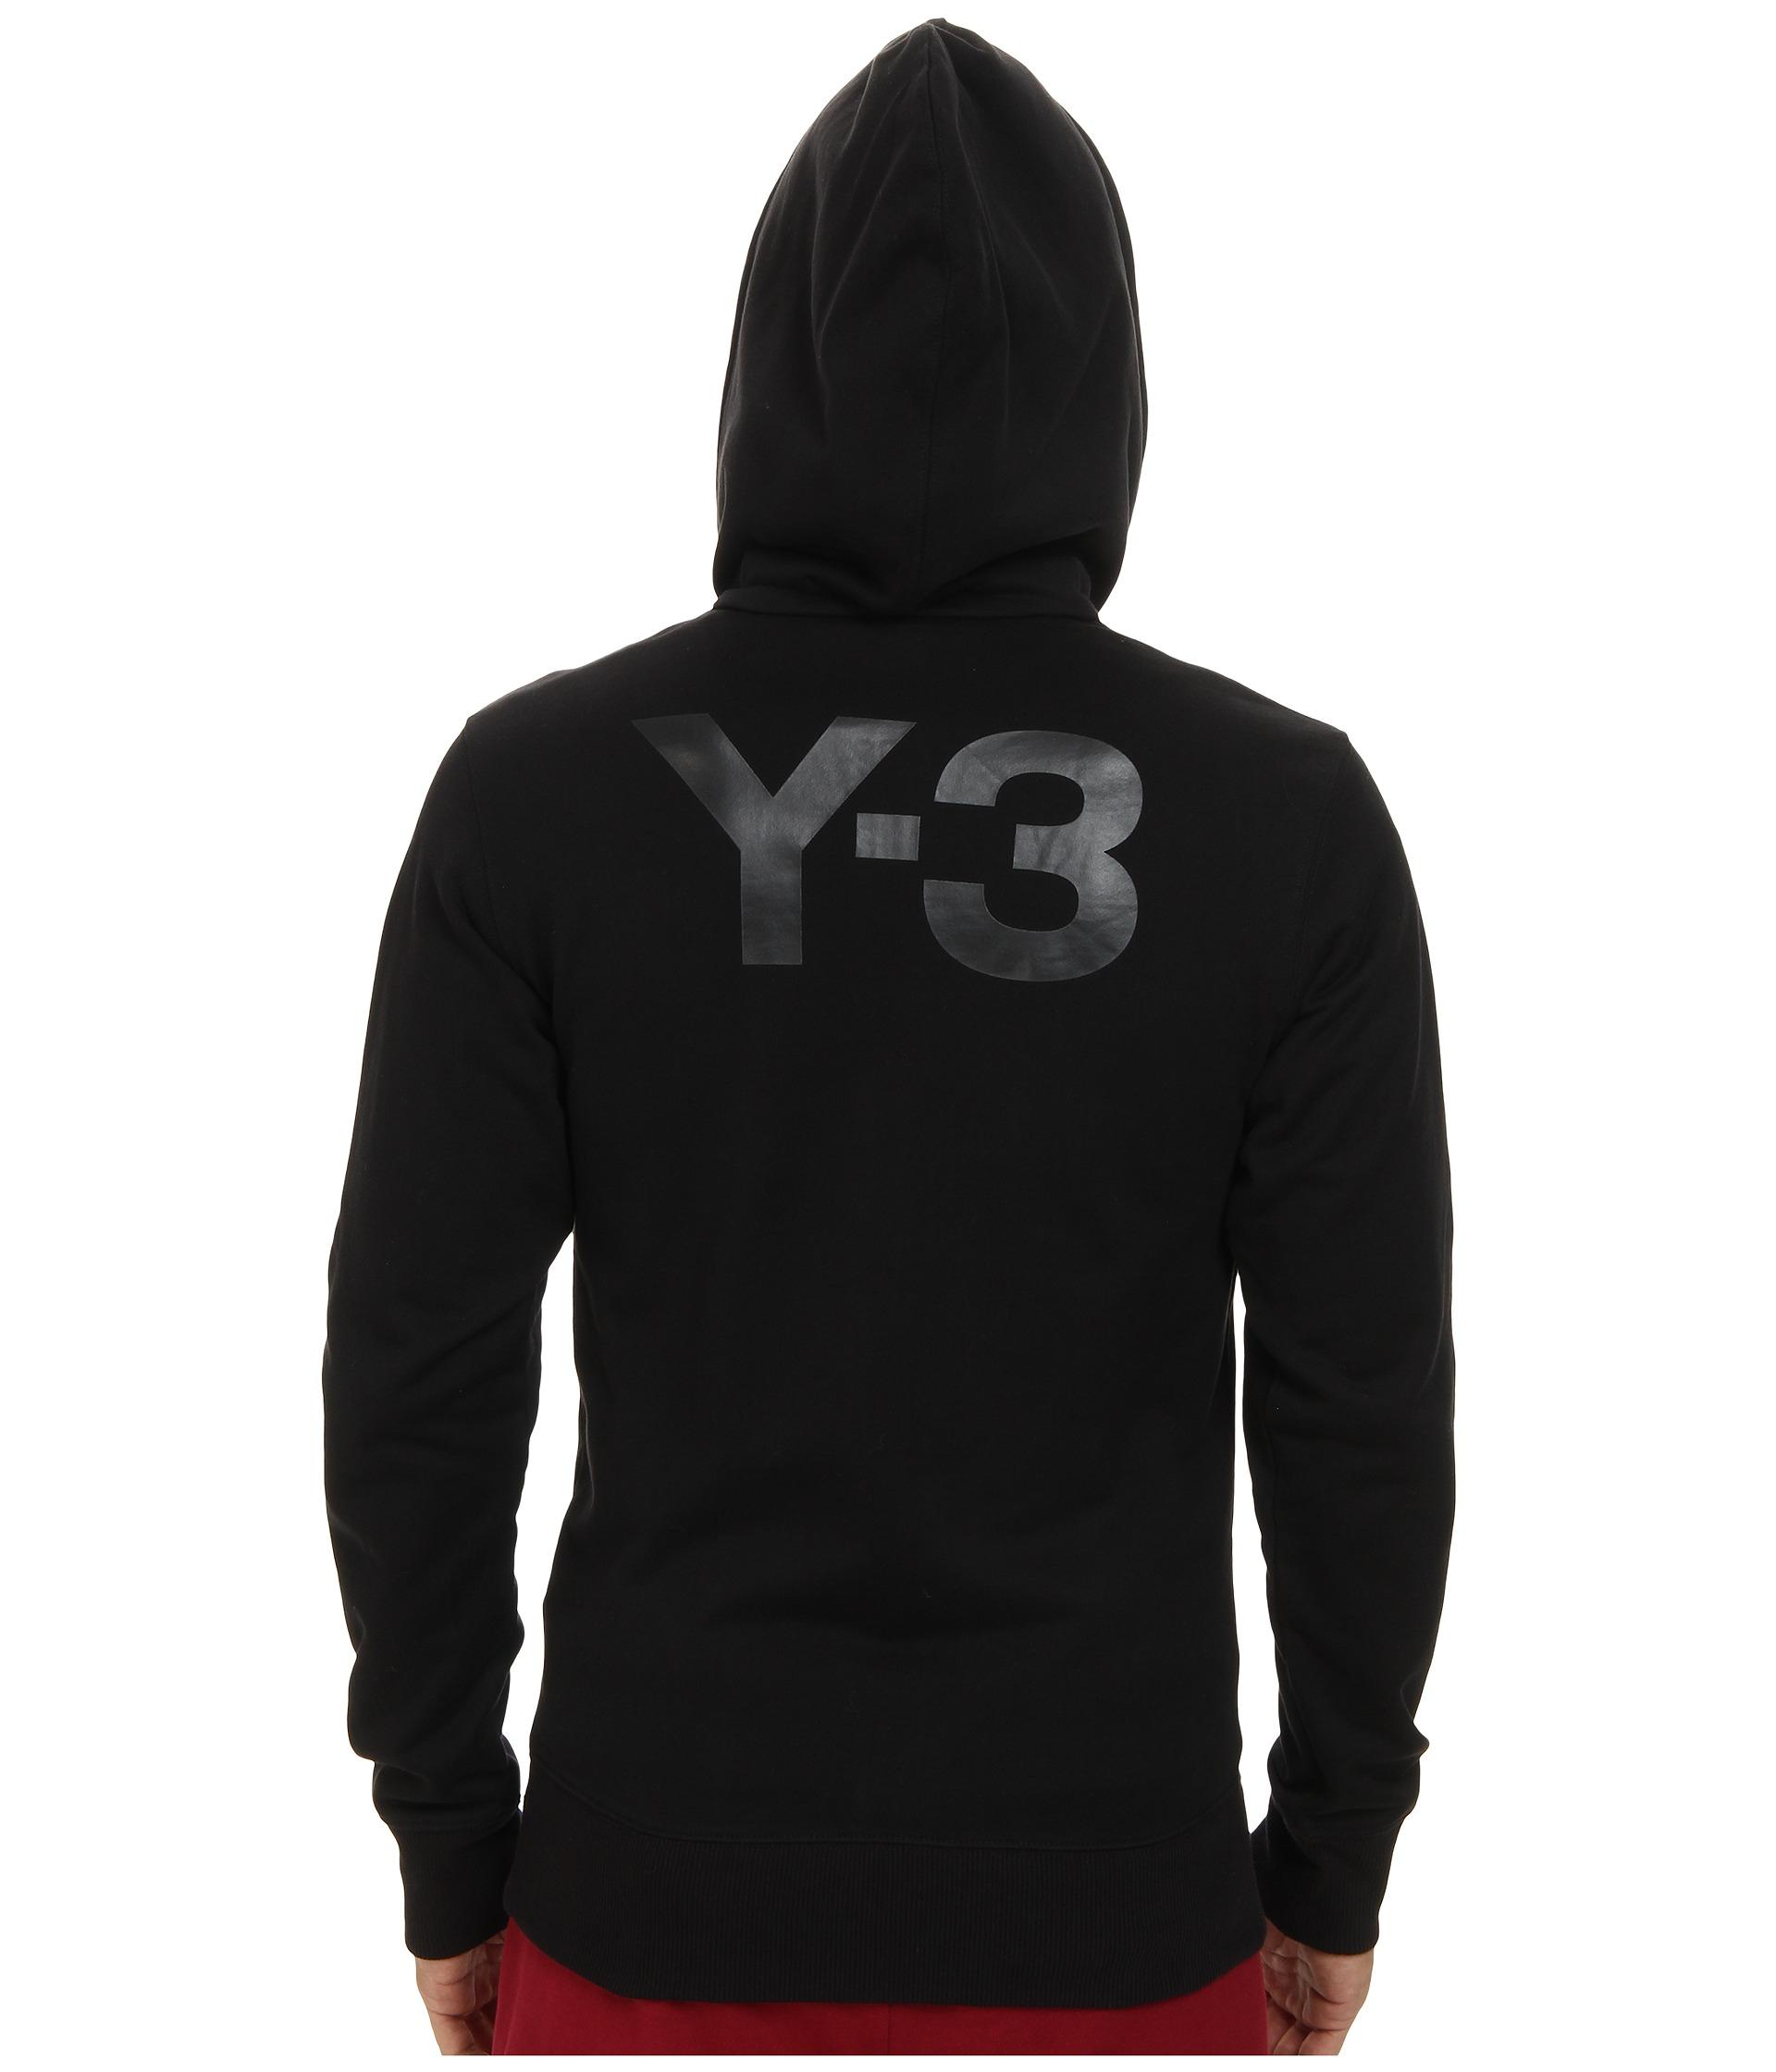 Y-3 Ayero Adidas CG3171 core black